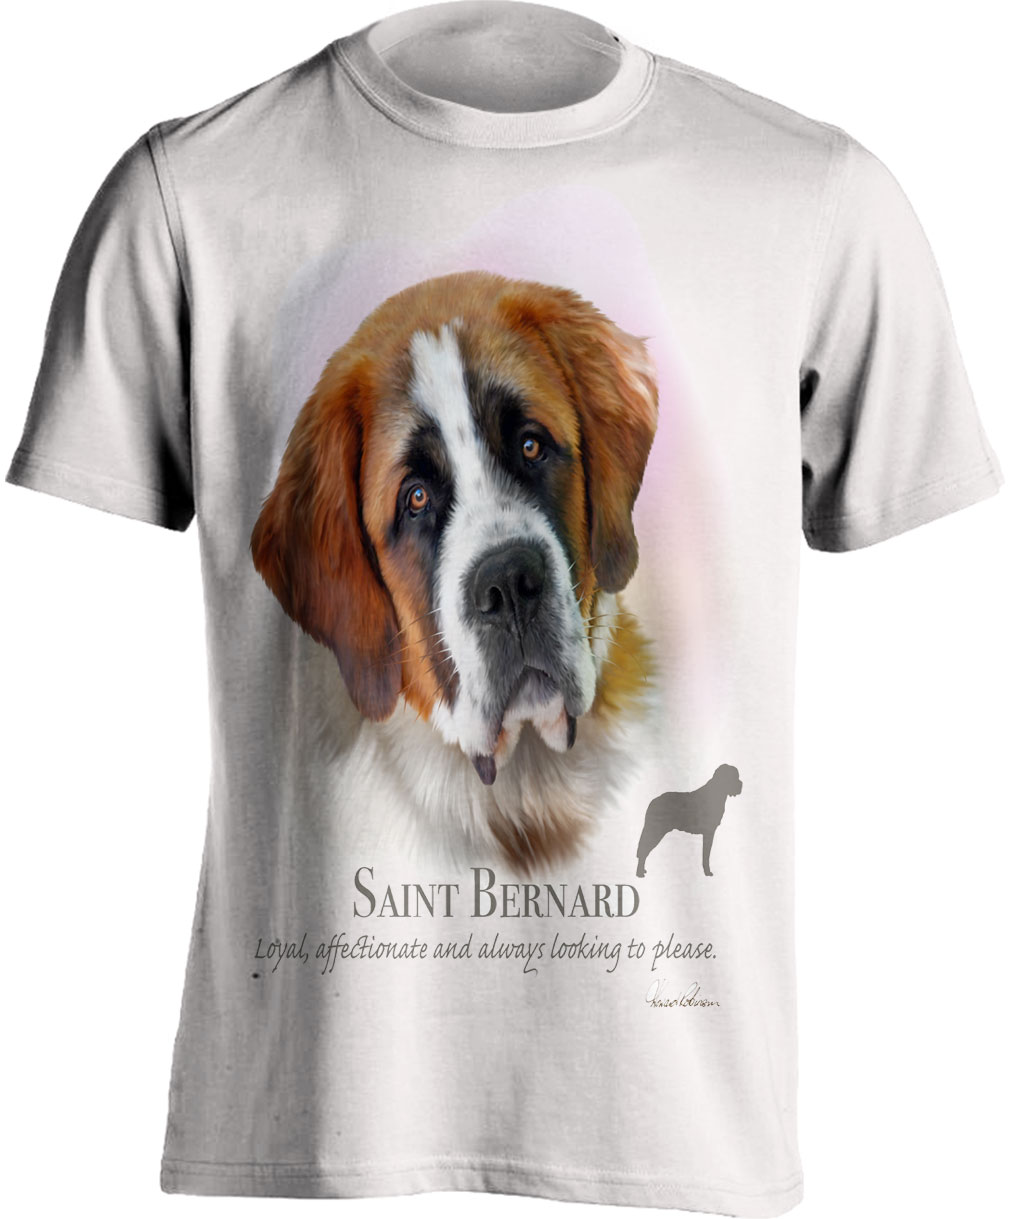 Saint Bernard T Shirt